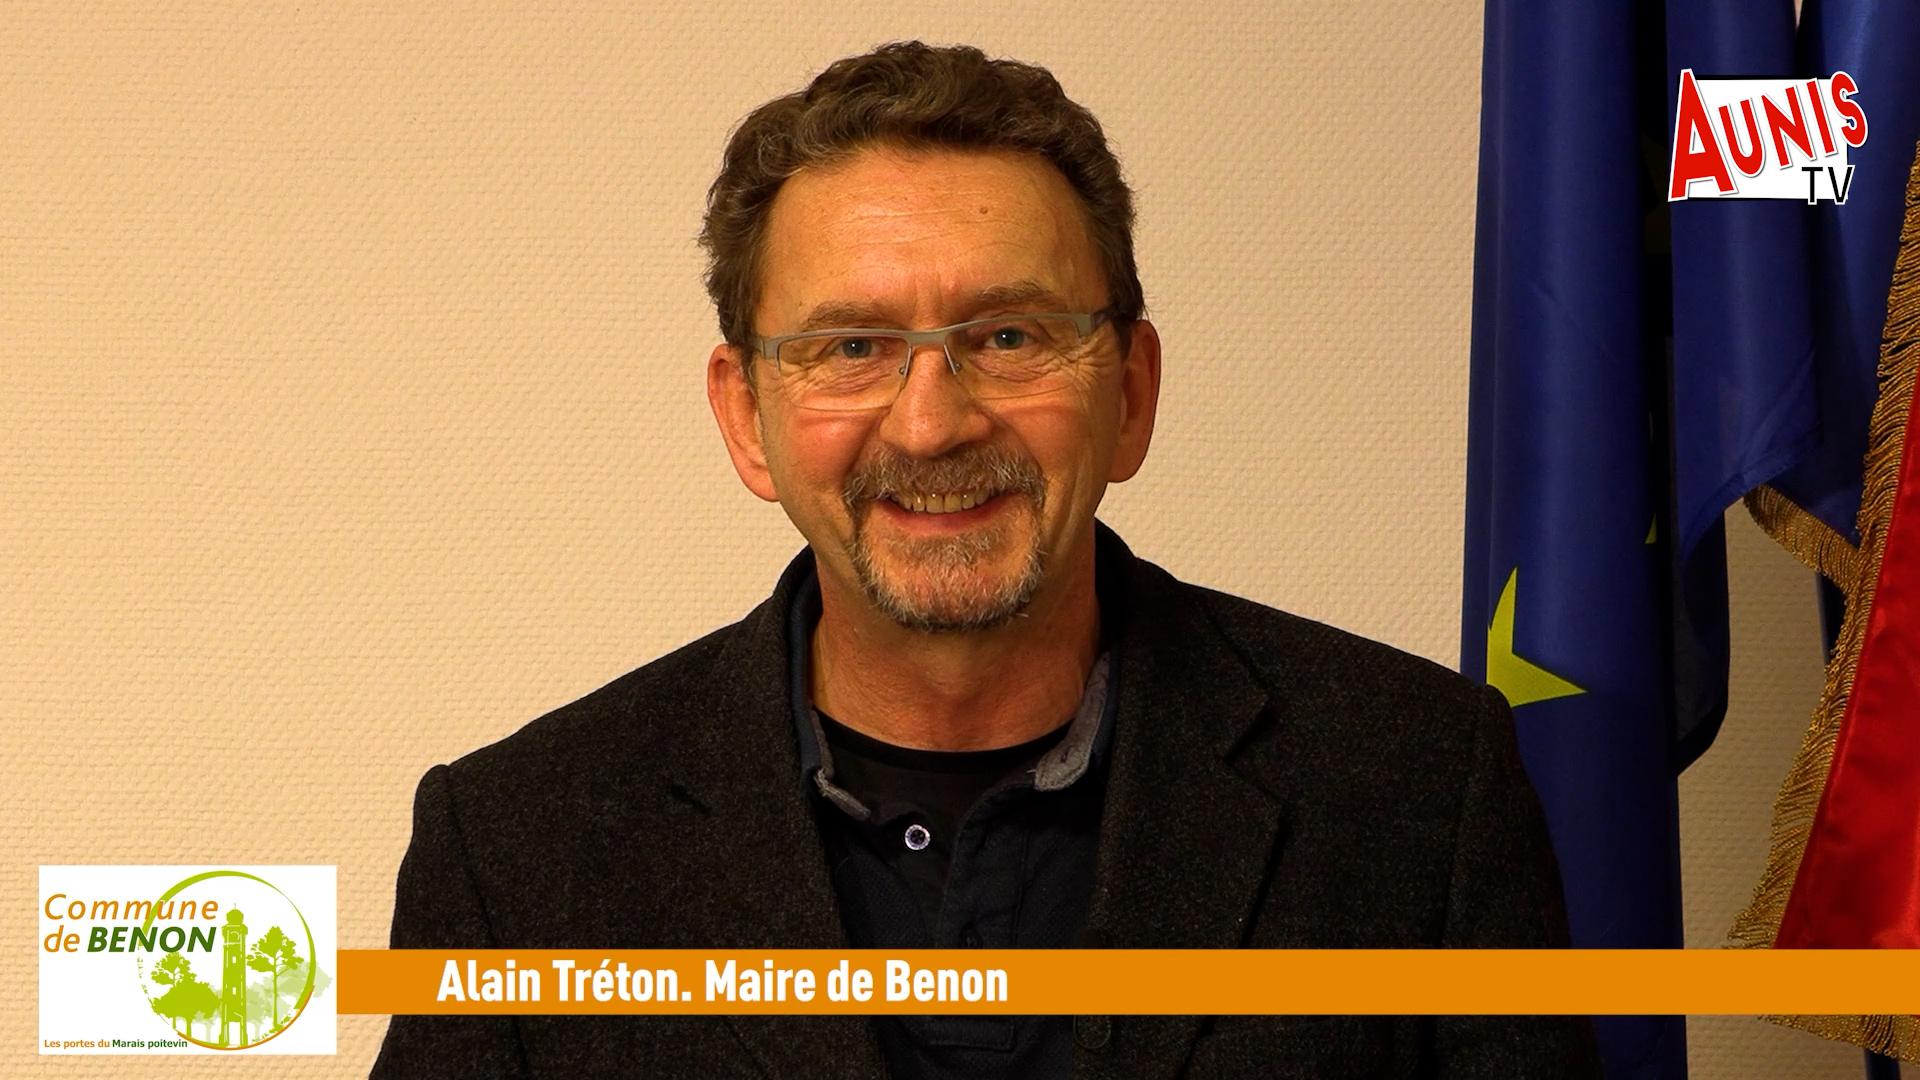 Alain Tréton Maire de Benon Voeux 2021